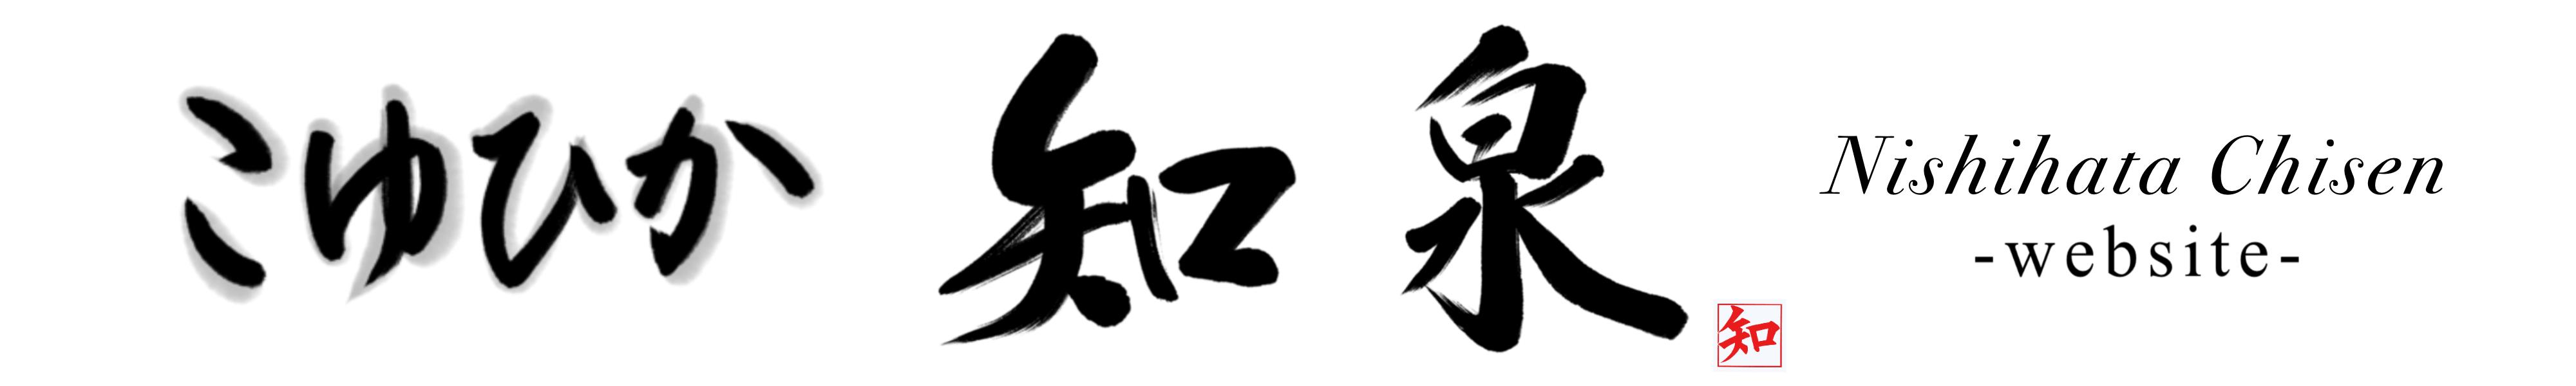 こゆひか 知泉 -koyuhika nishihata chisen website-